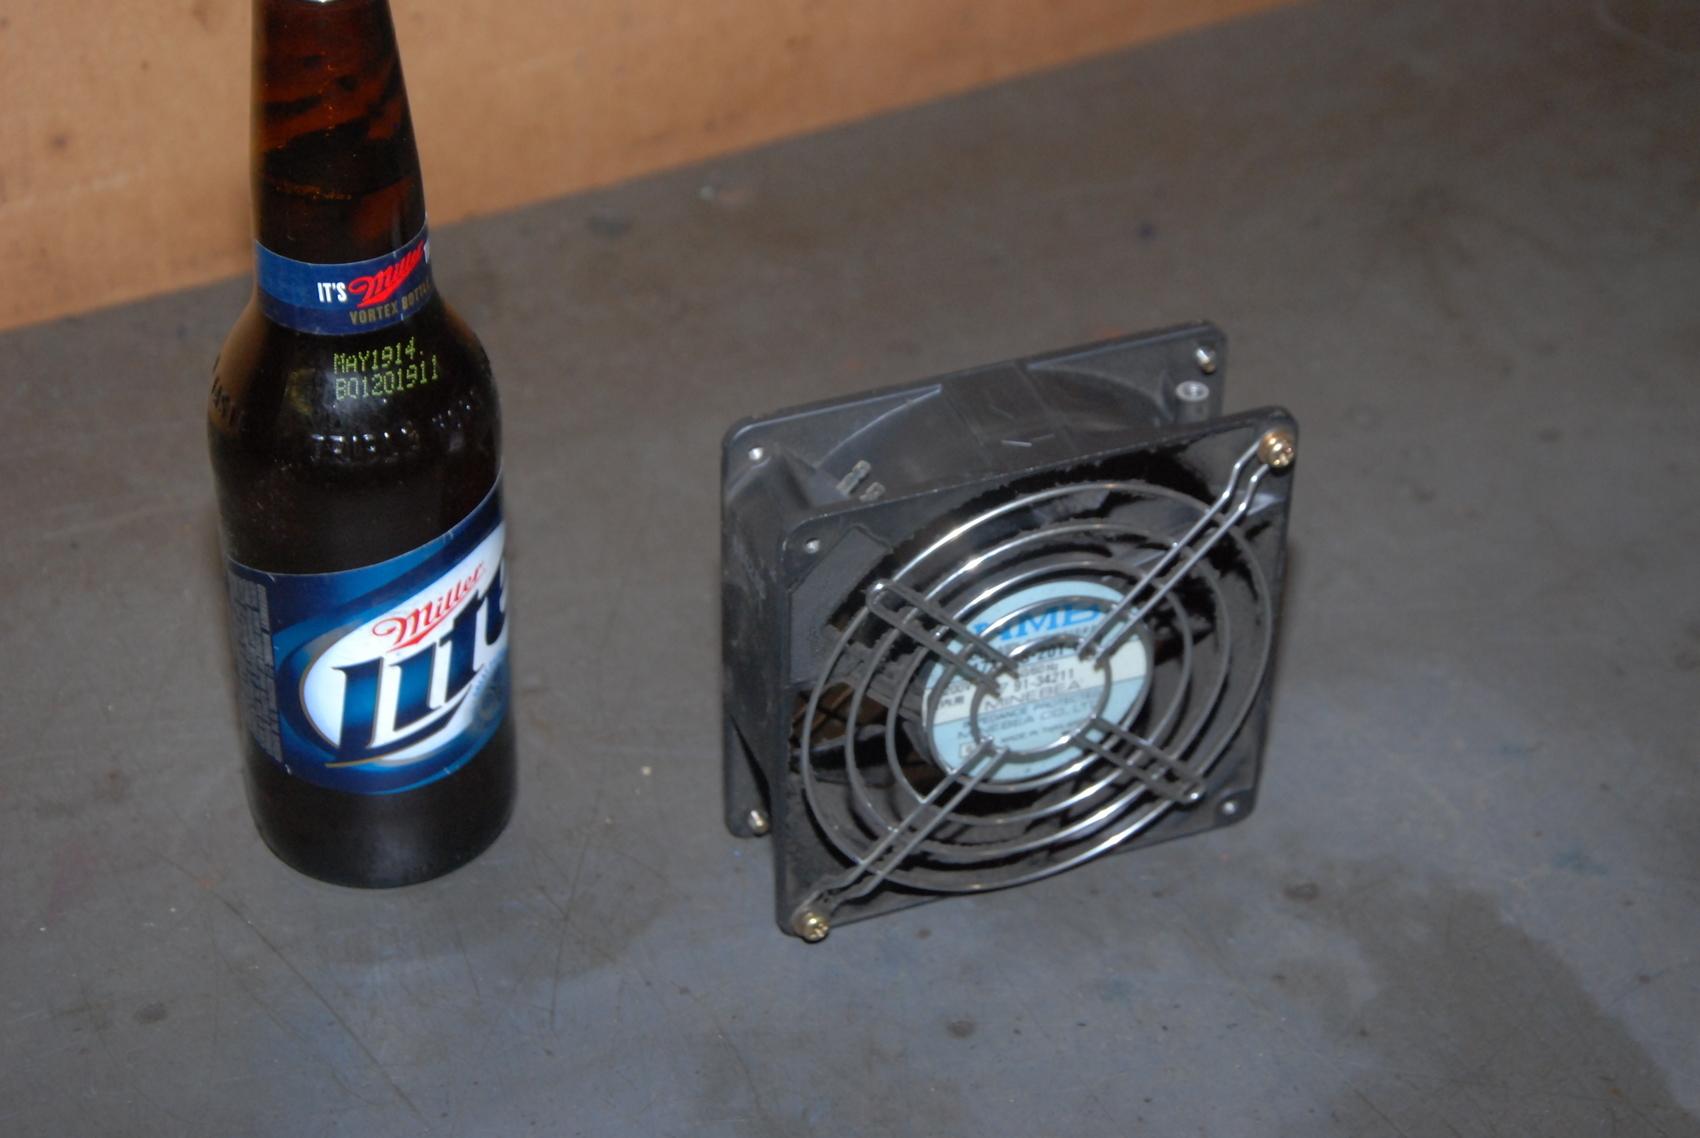 NMB A90L-0001-0219 Fan;4715PS-20T-B30;200VAC;14/16W;120mm